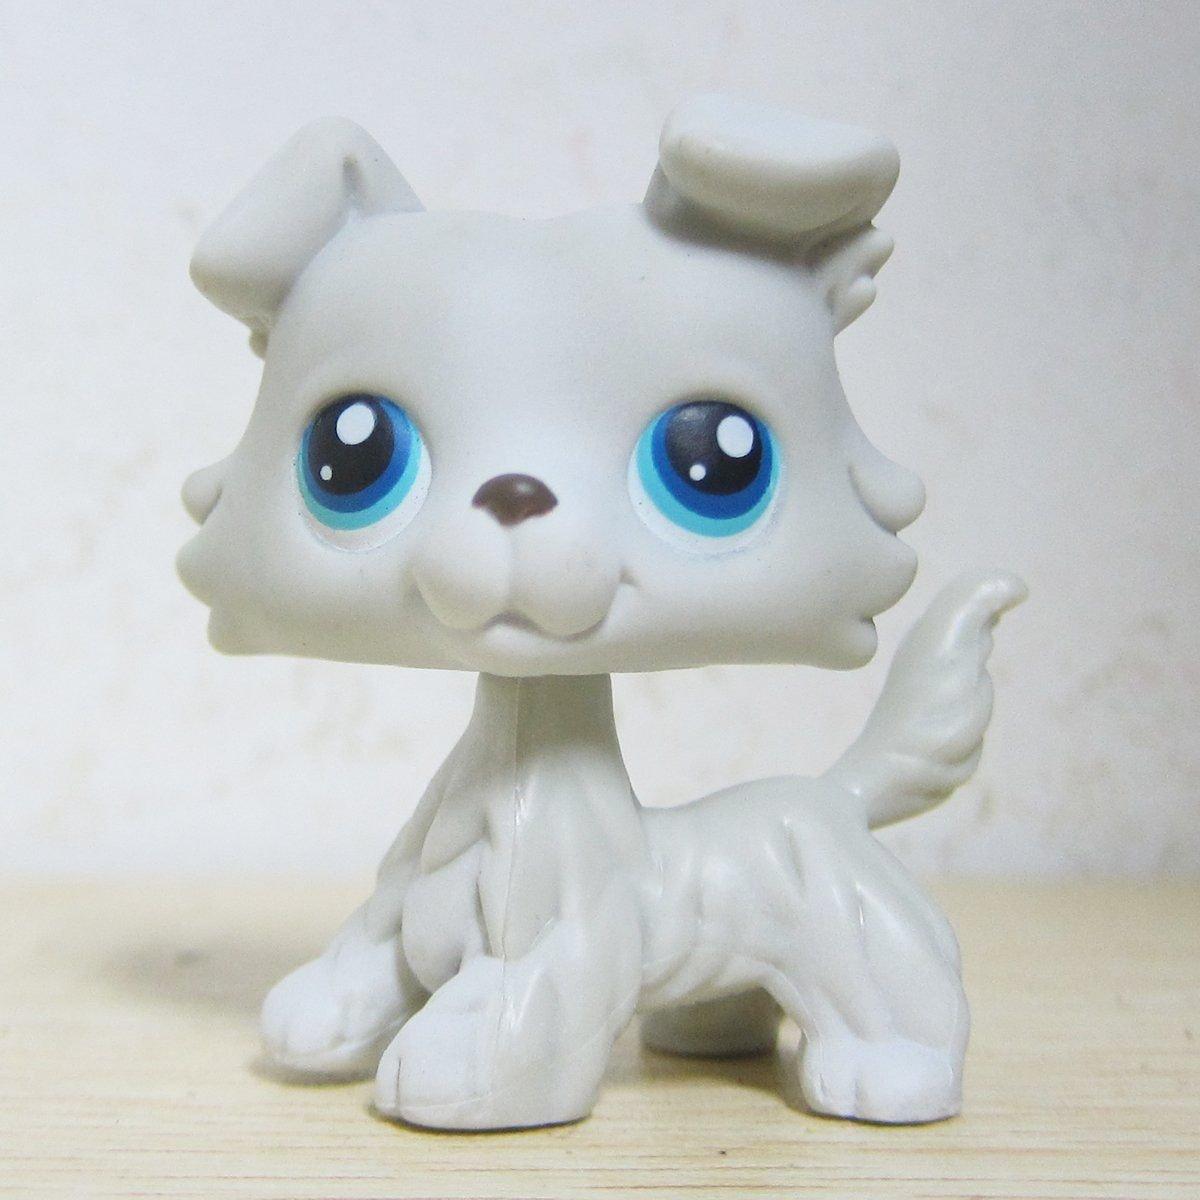 Amazoncom Good Luck Charm Littlest Pet Shop Collection Lps 363